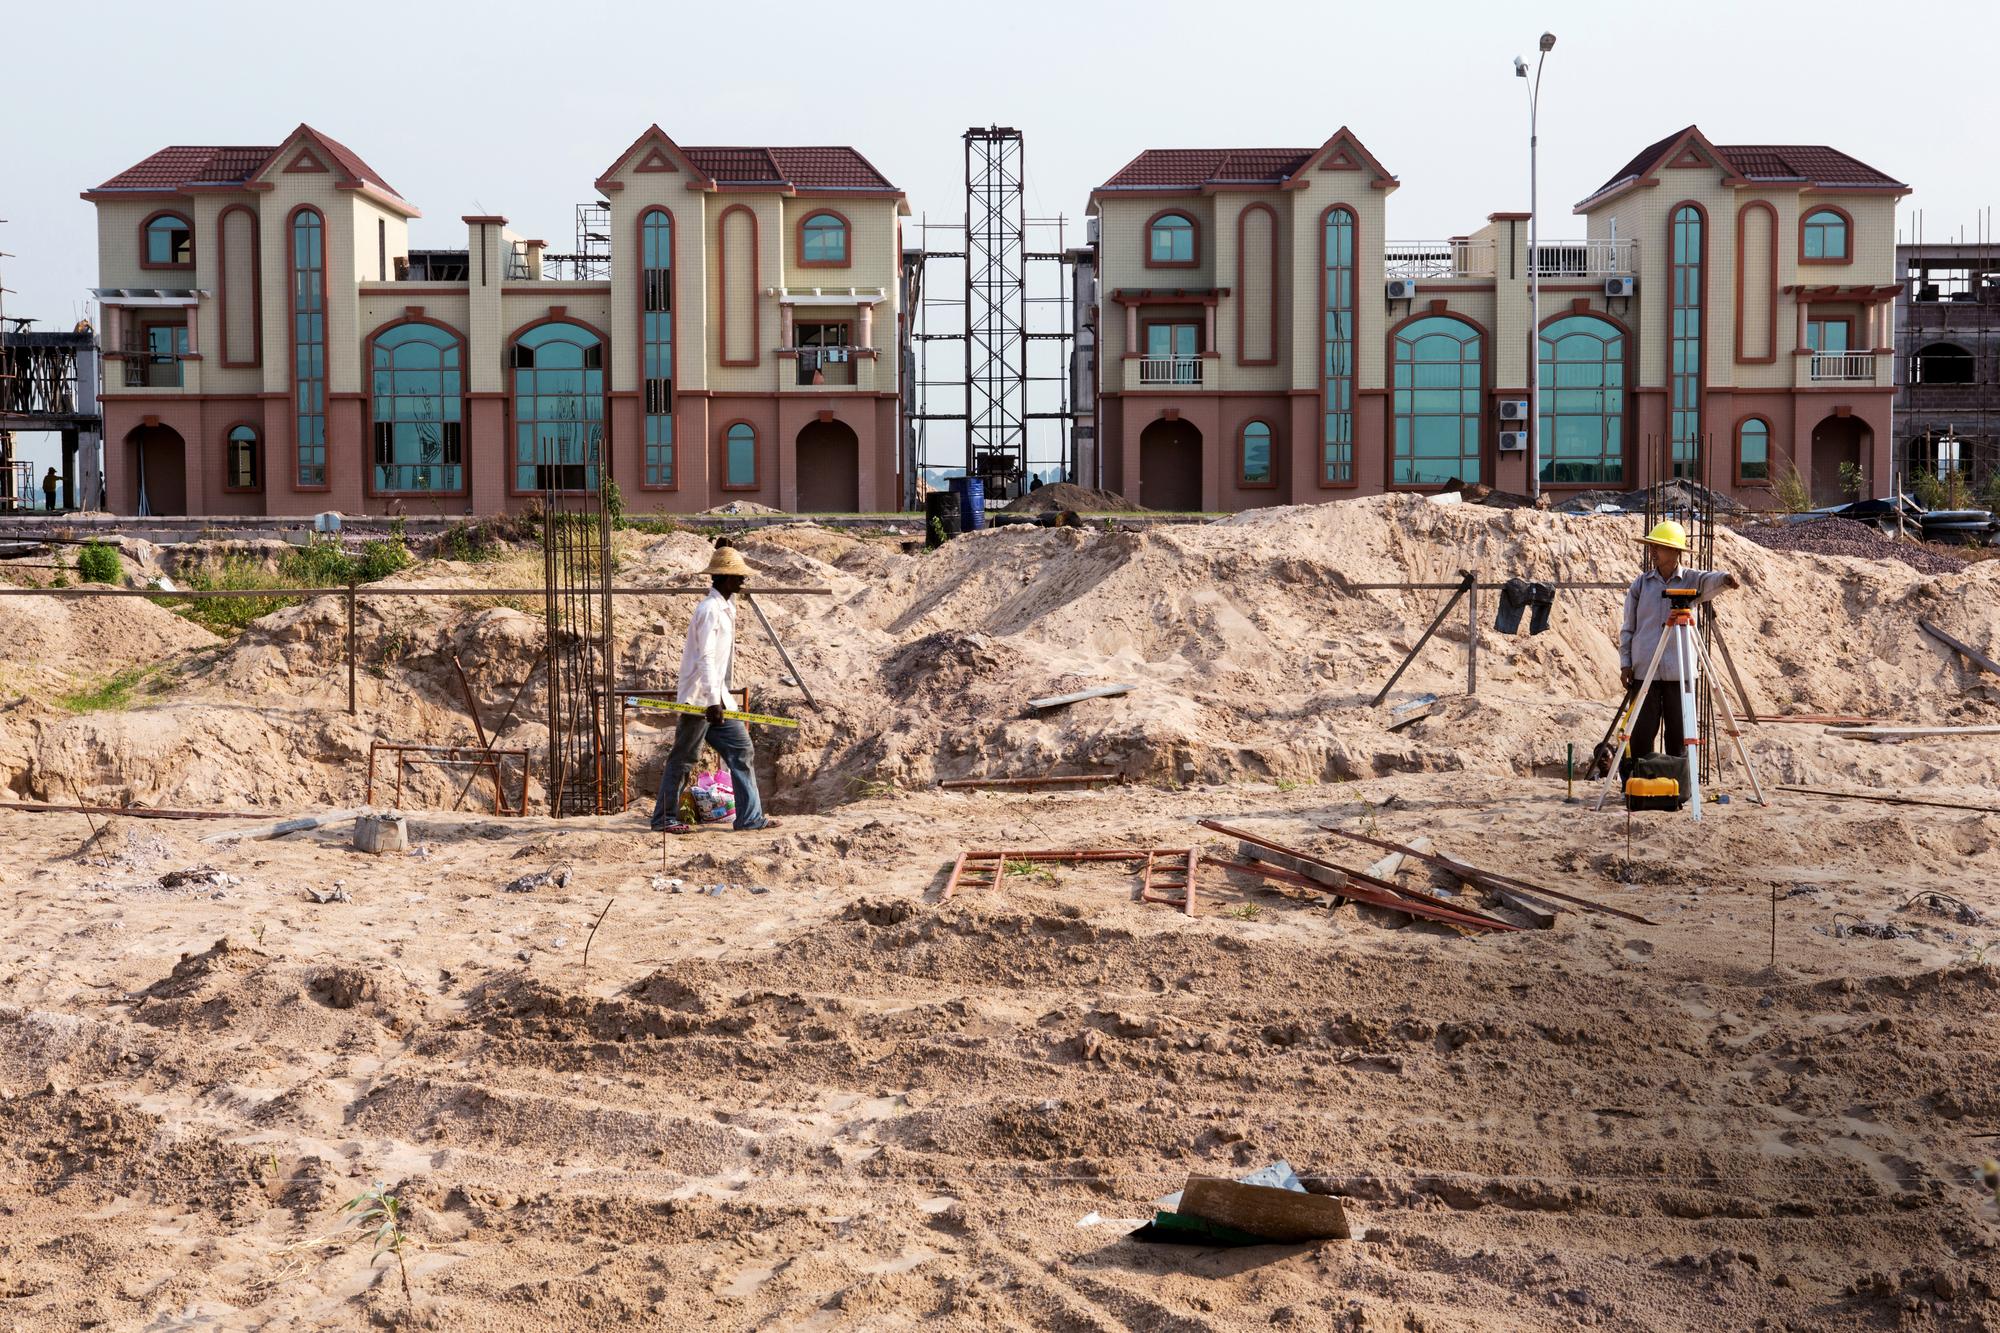 Chantier de construction d'une zone résidentielle par une entreprise chinoise à Kinshasa.